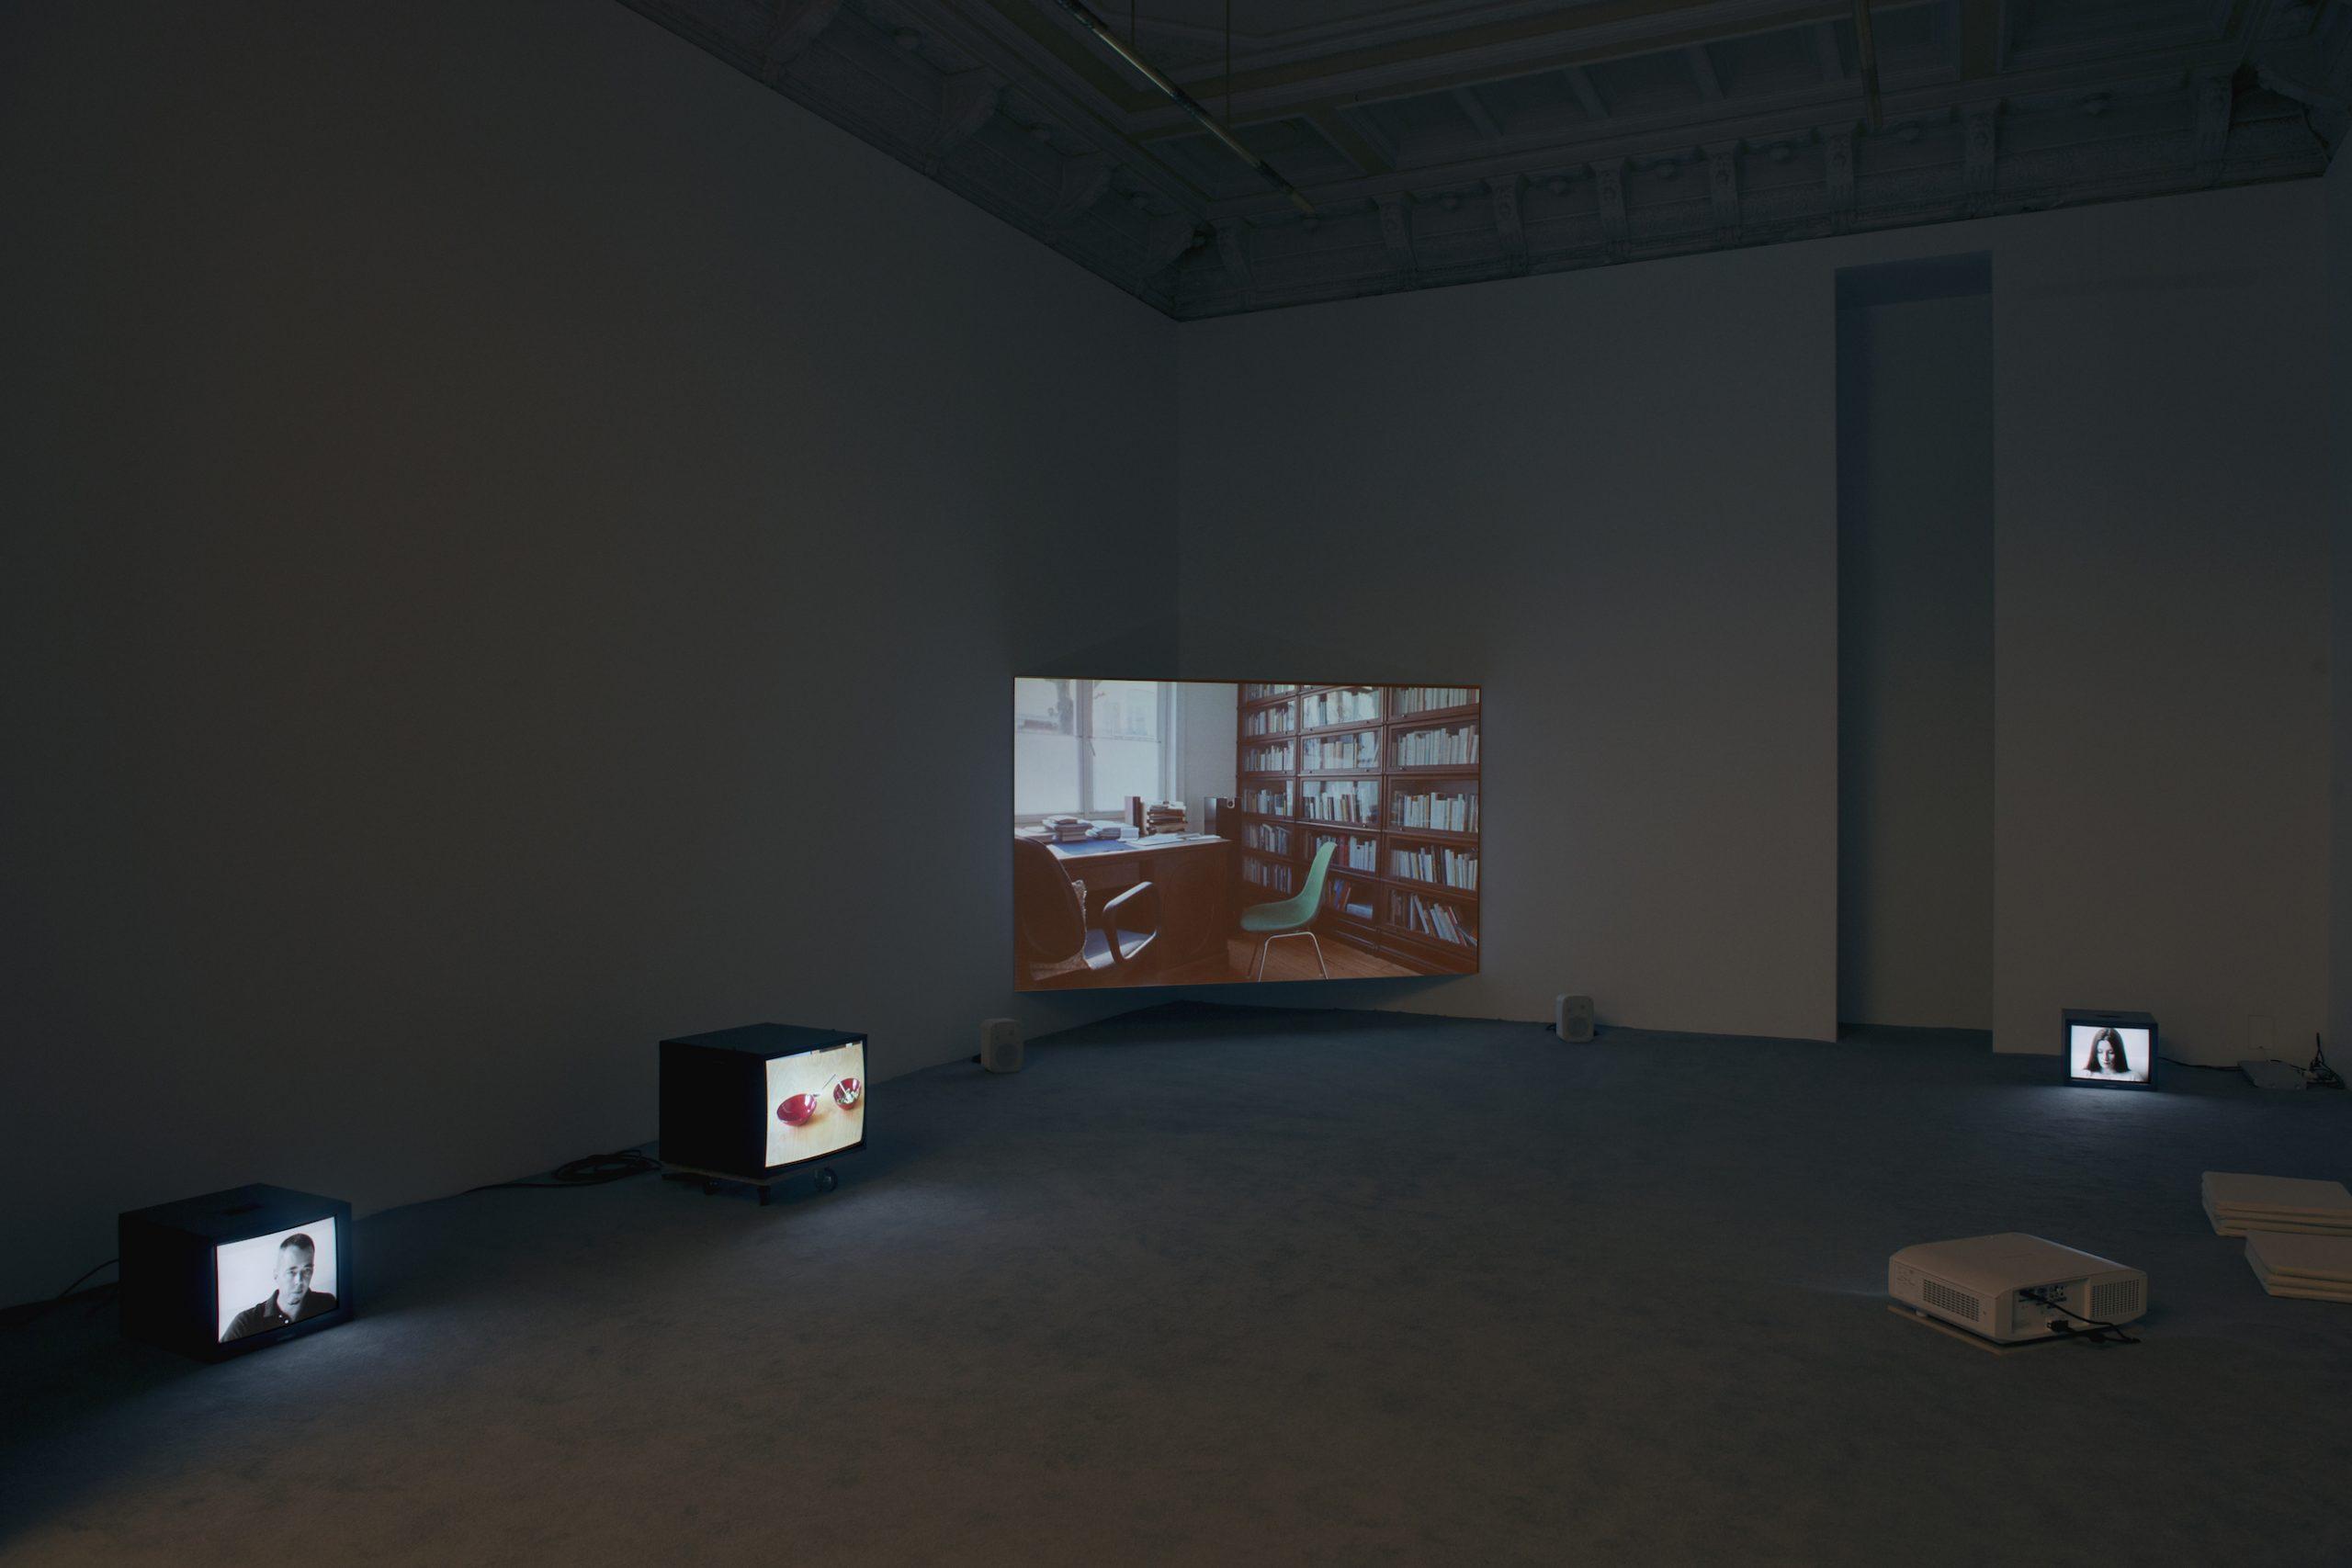 Manon de Boer, installation view at Jan Mot, 2016